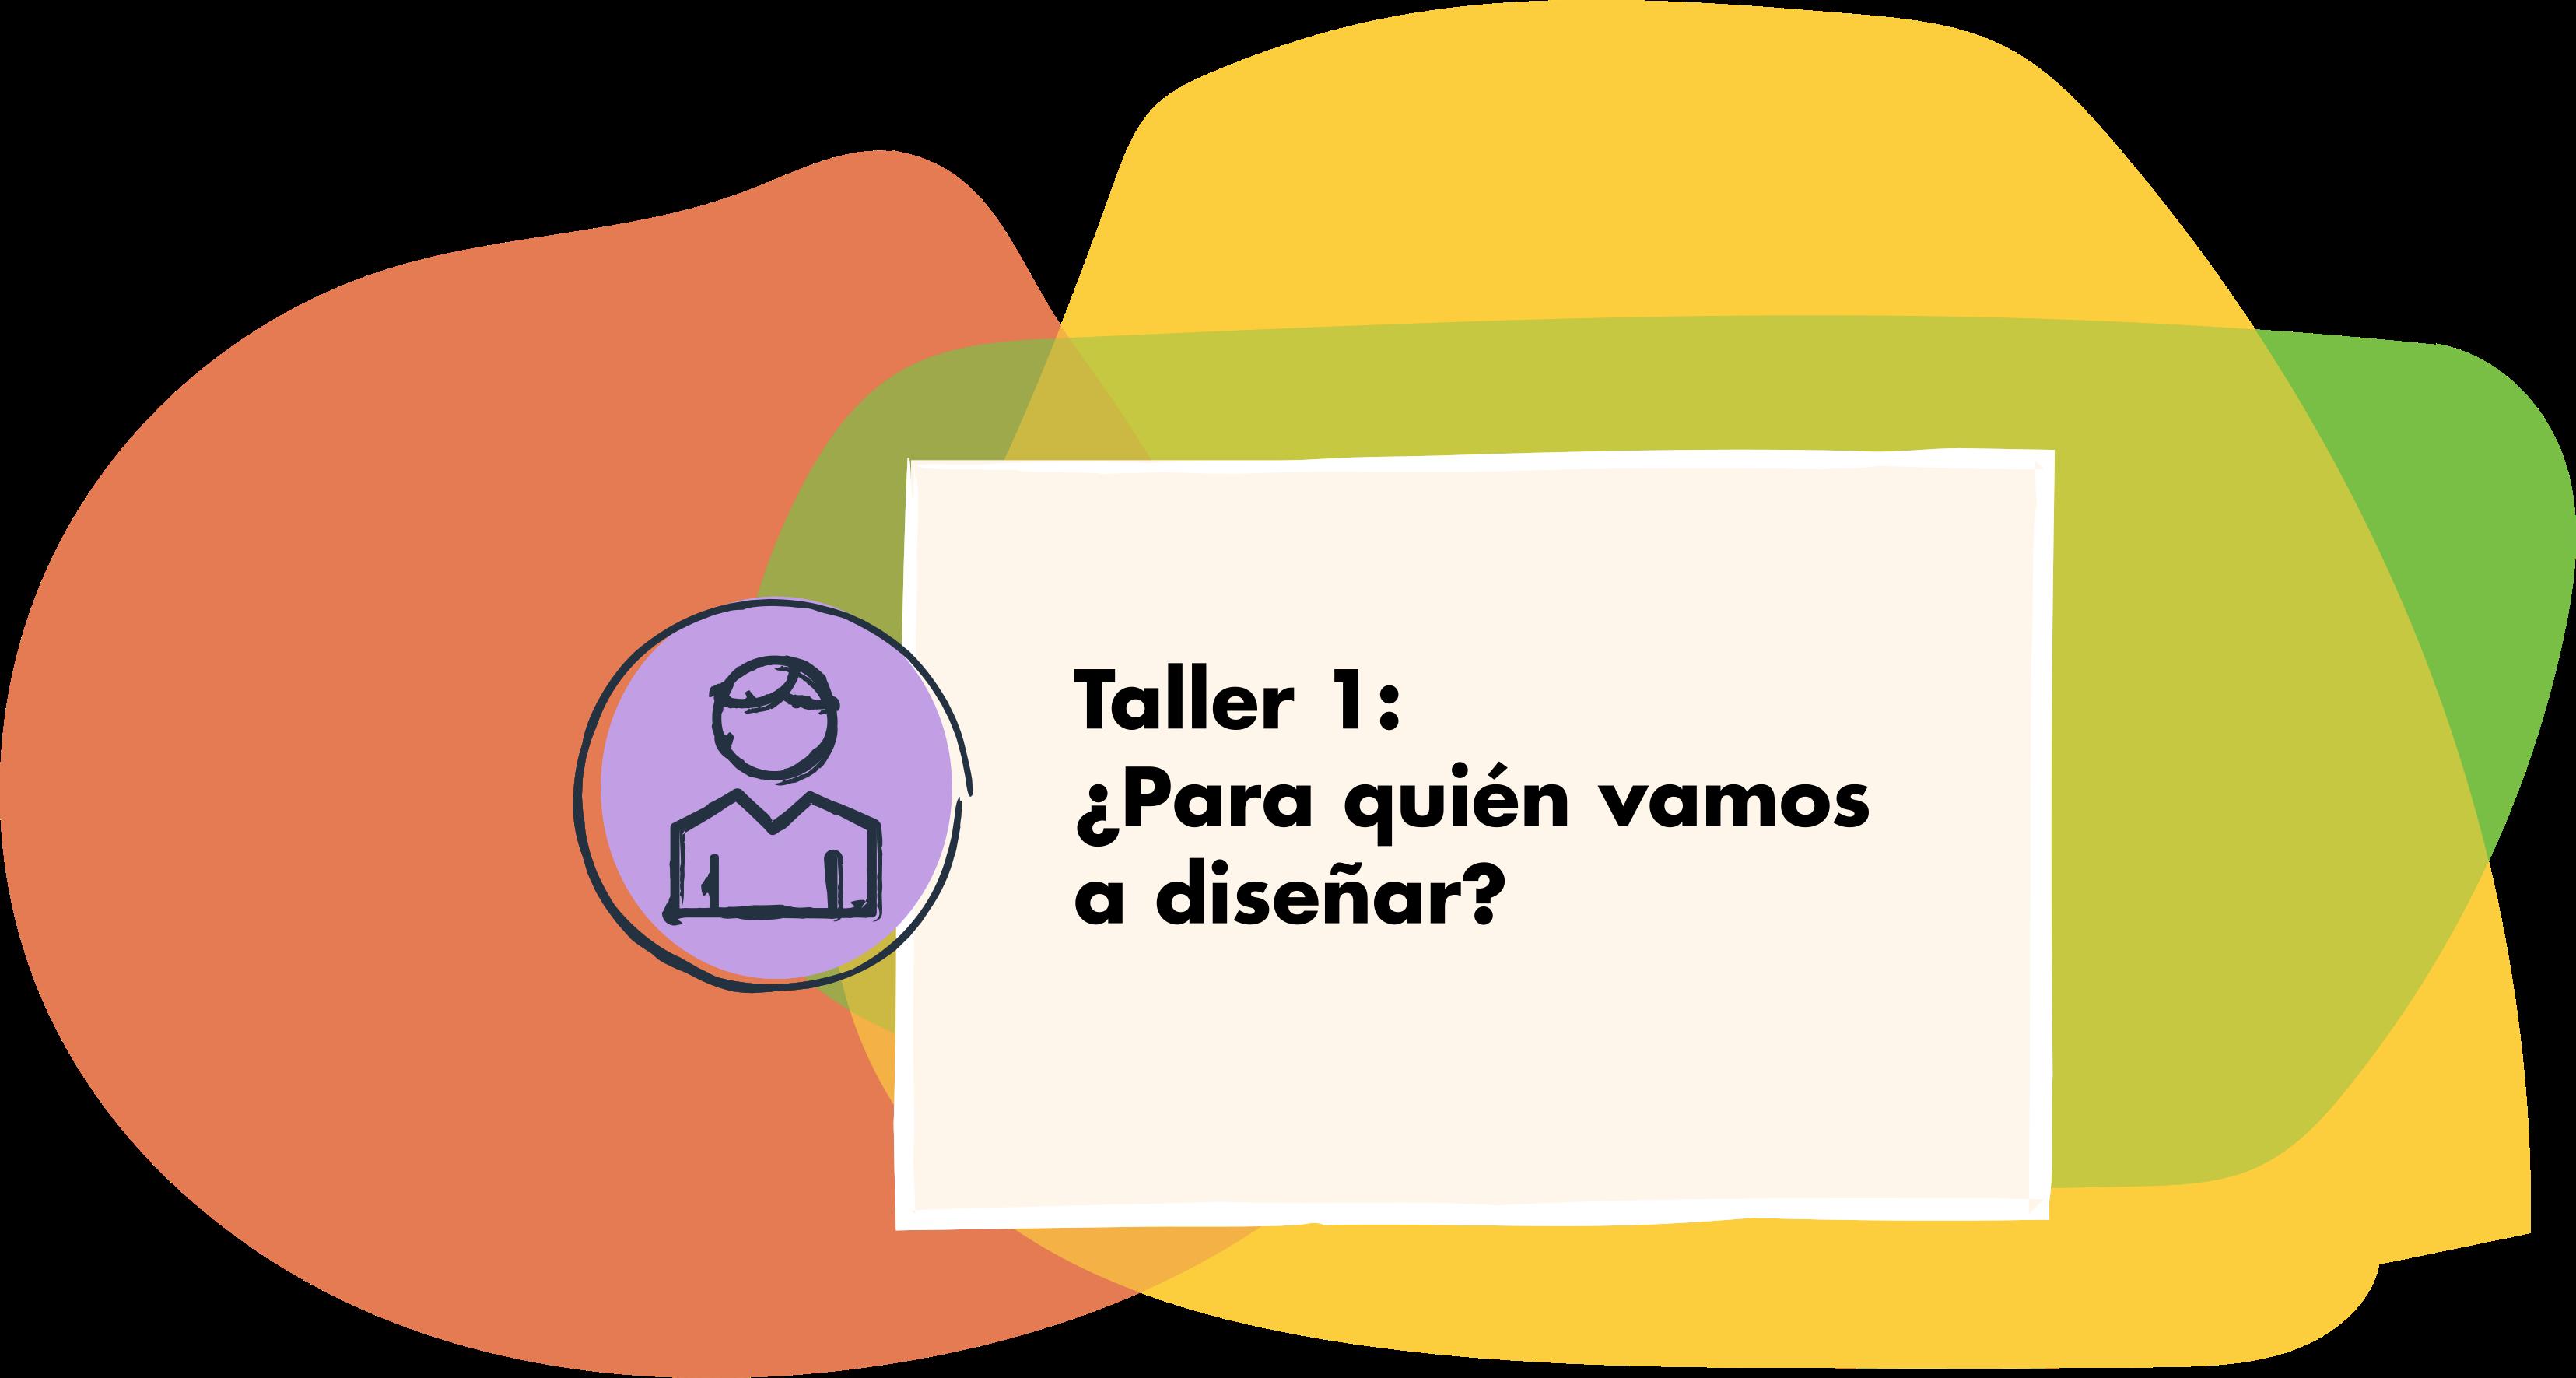 Taller 1: ¿Para quién vamos a diseñar?